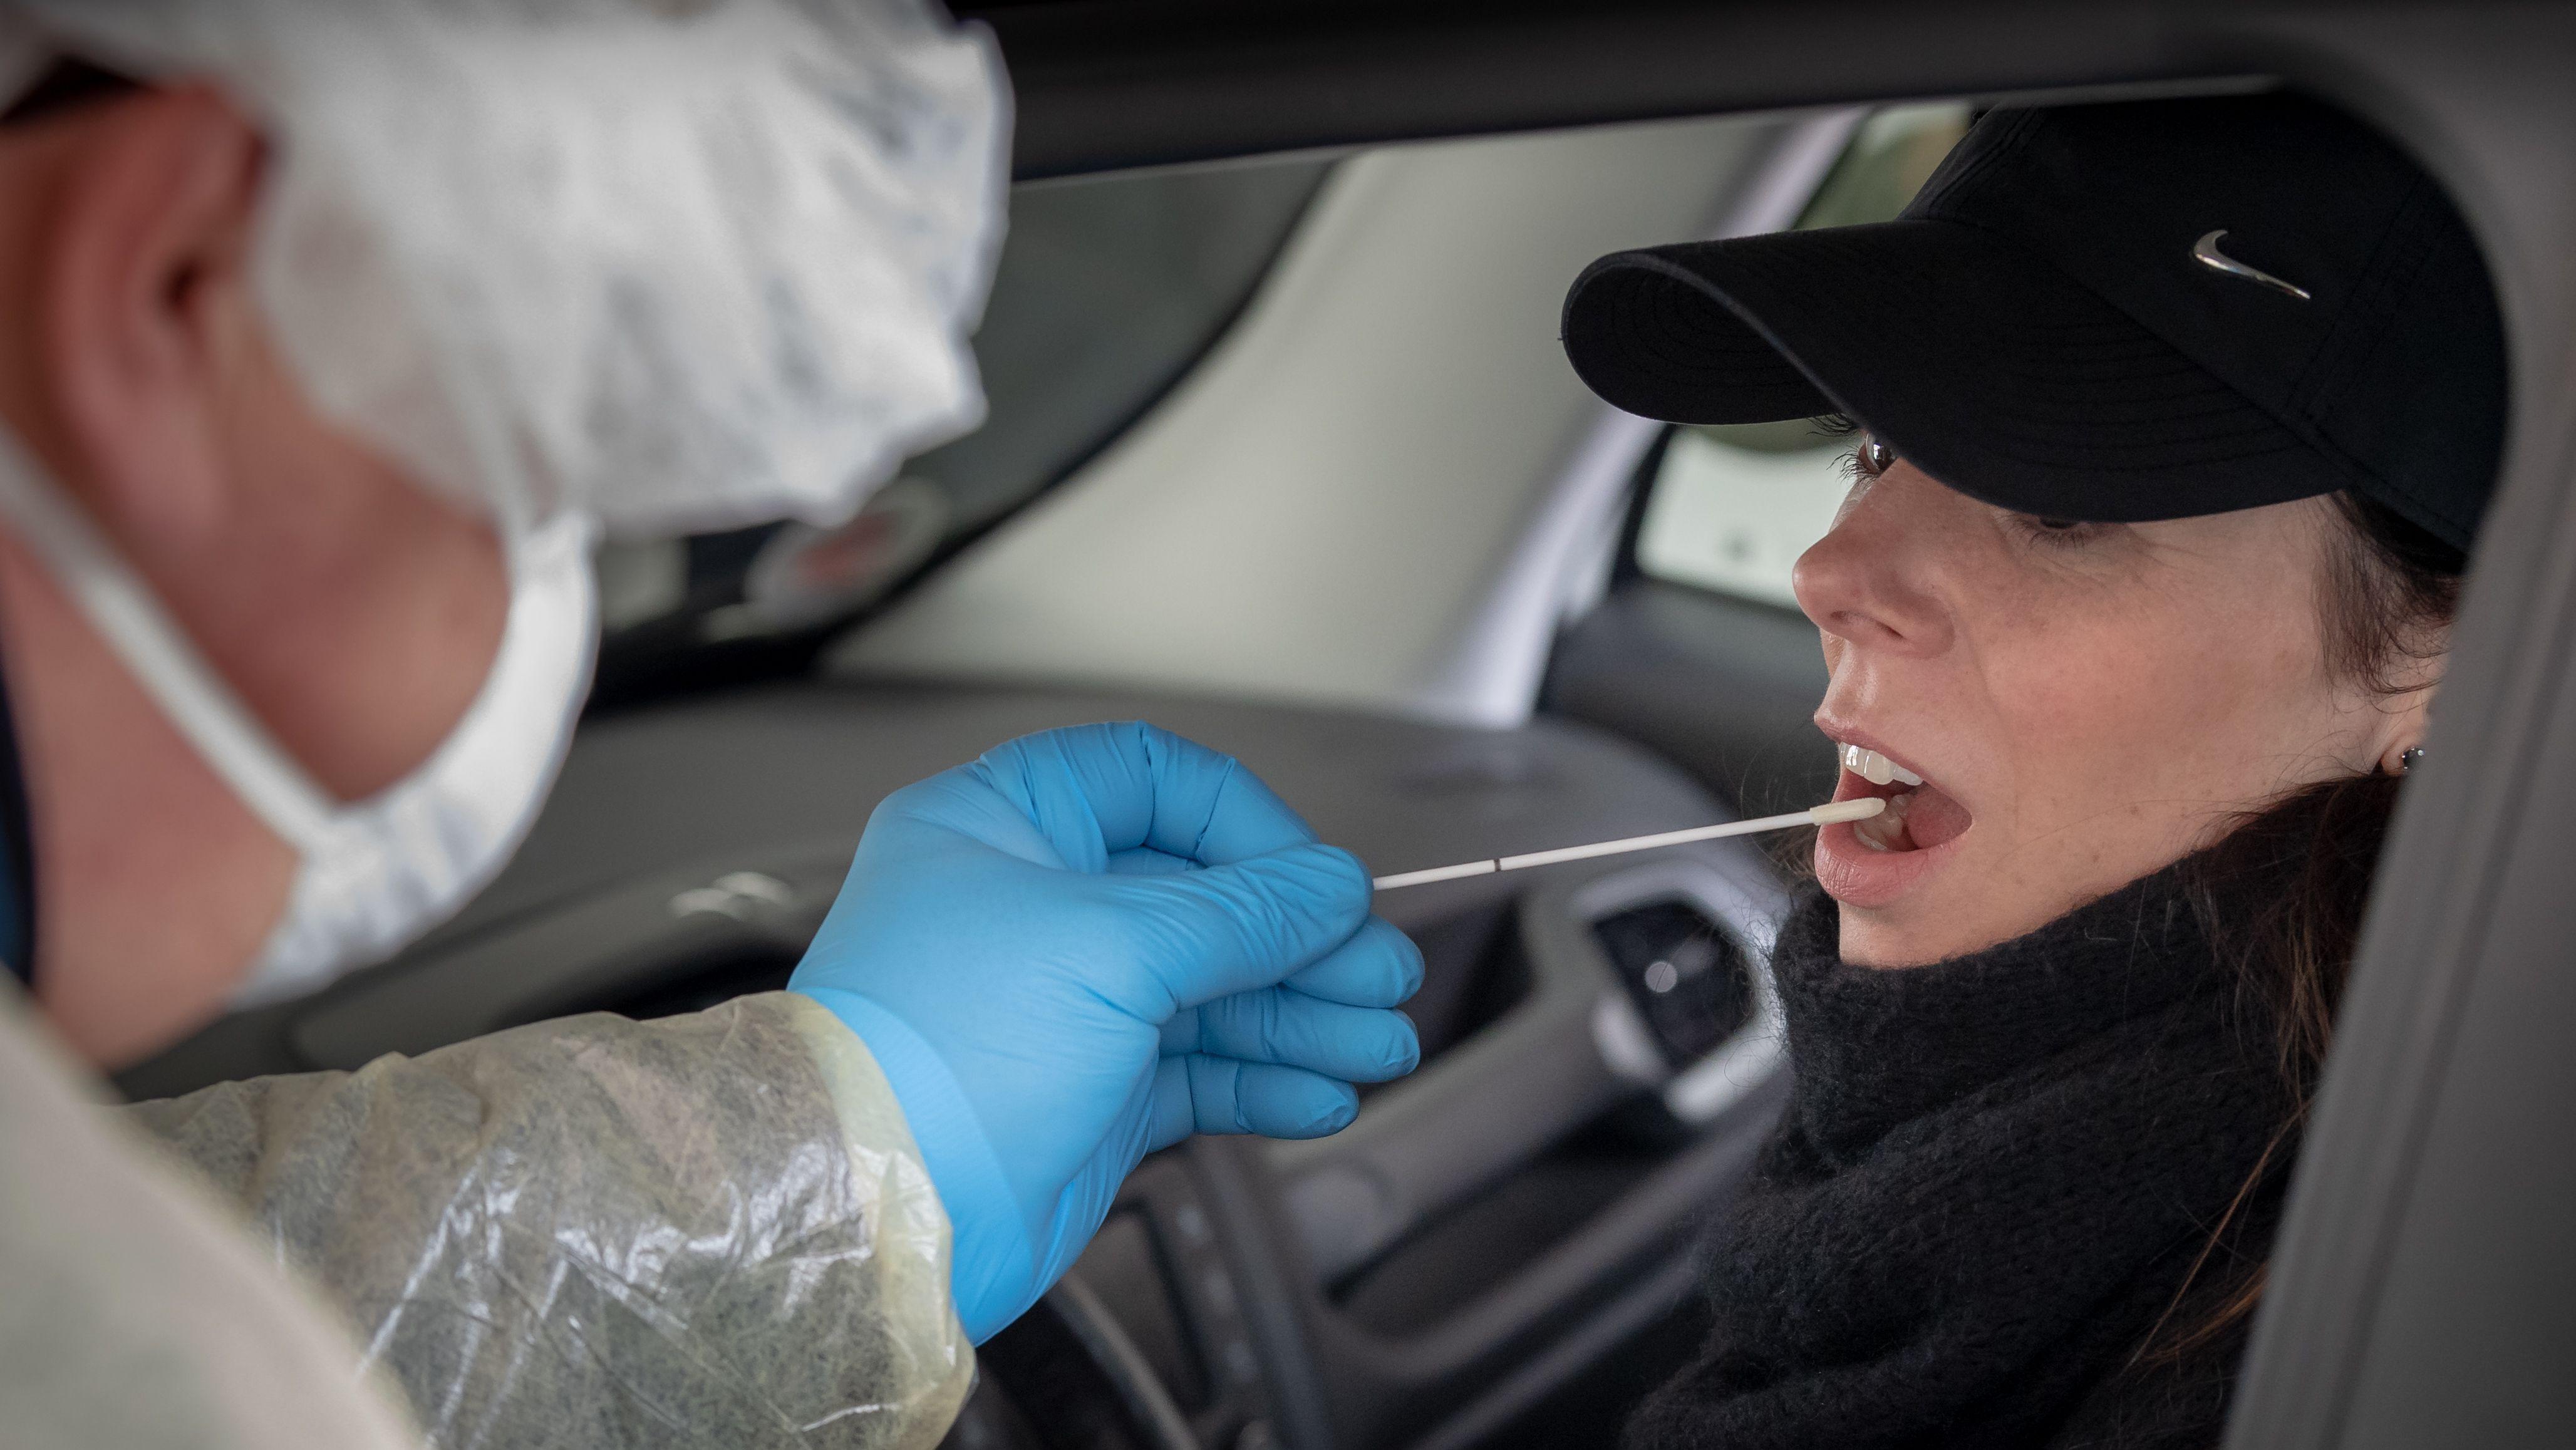 Ein Arzt nimmt einen Testabstrich bei einer Patientin im Auto.